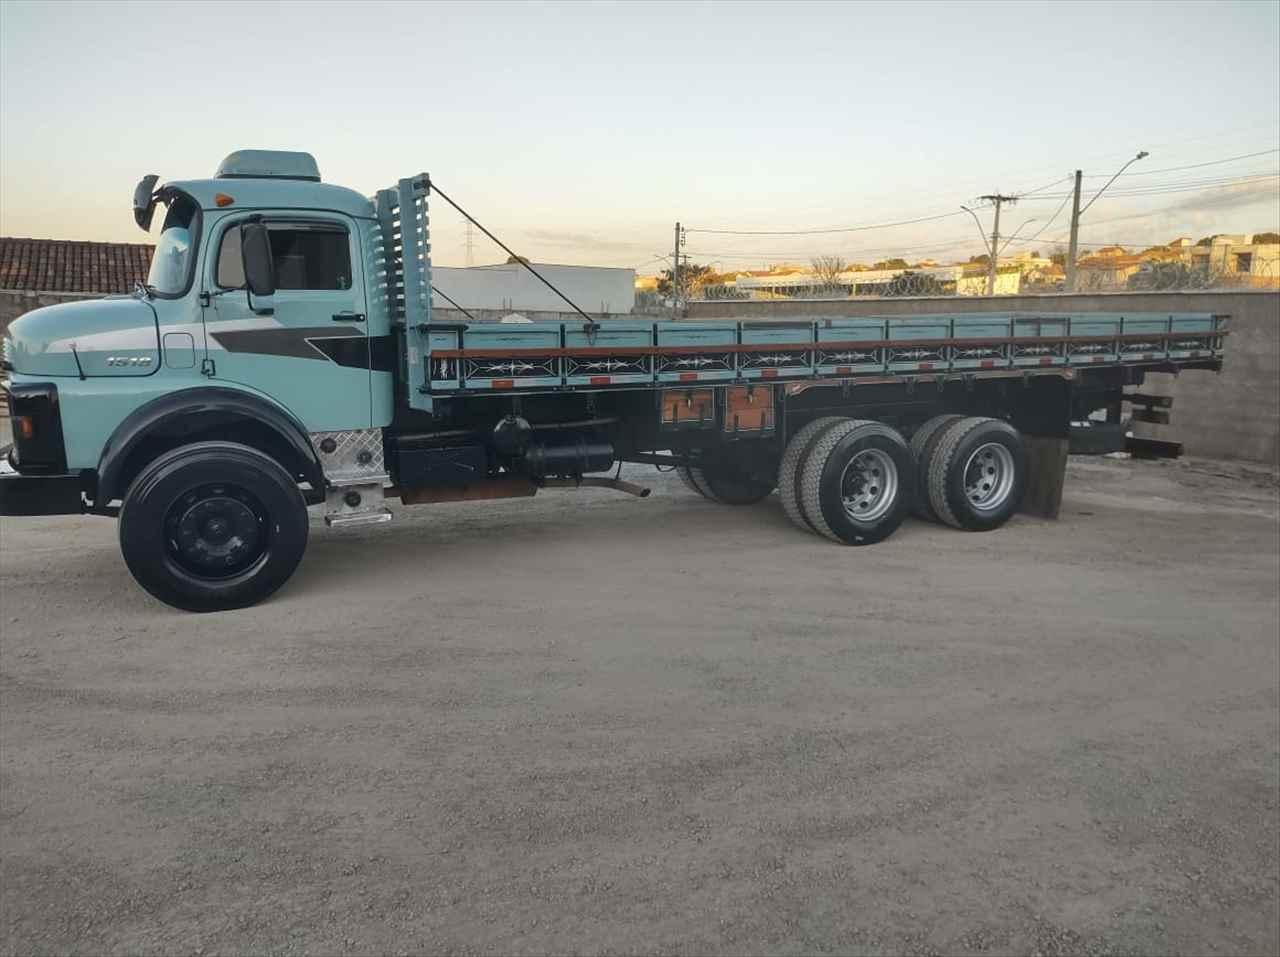 CAMINHAO MERCEDES-BENZ MB 1518 Carga Seca Truck 6x2 Cotral Caminhões SERRA DO SALITRE MINAS GERAIS MG